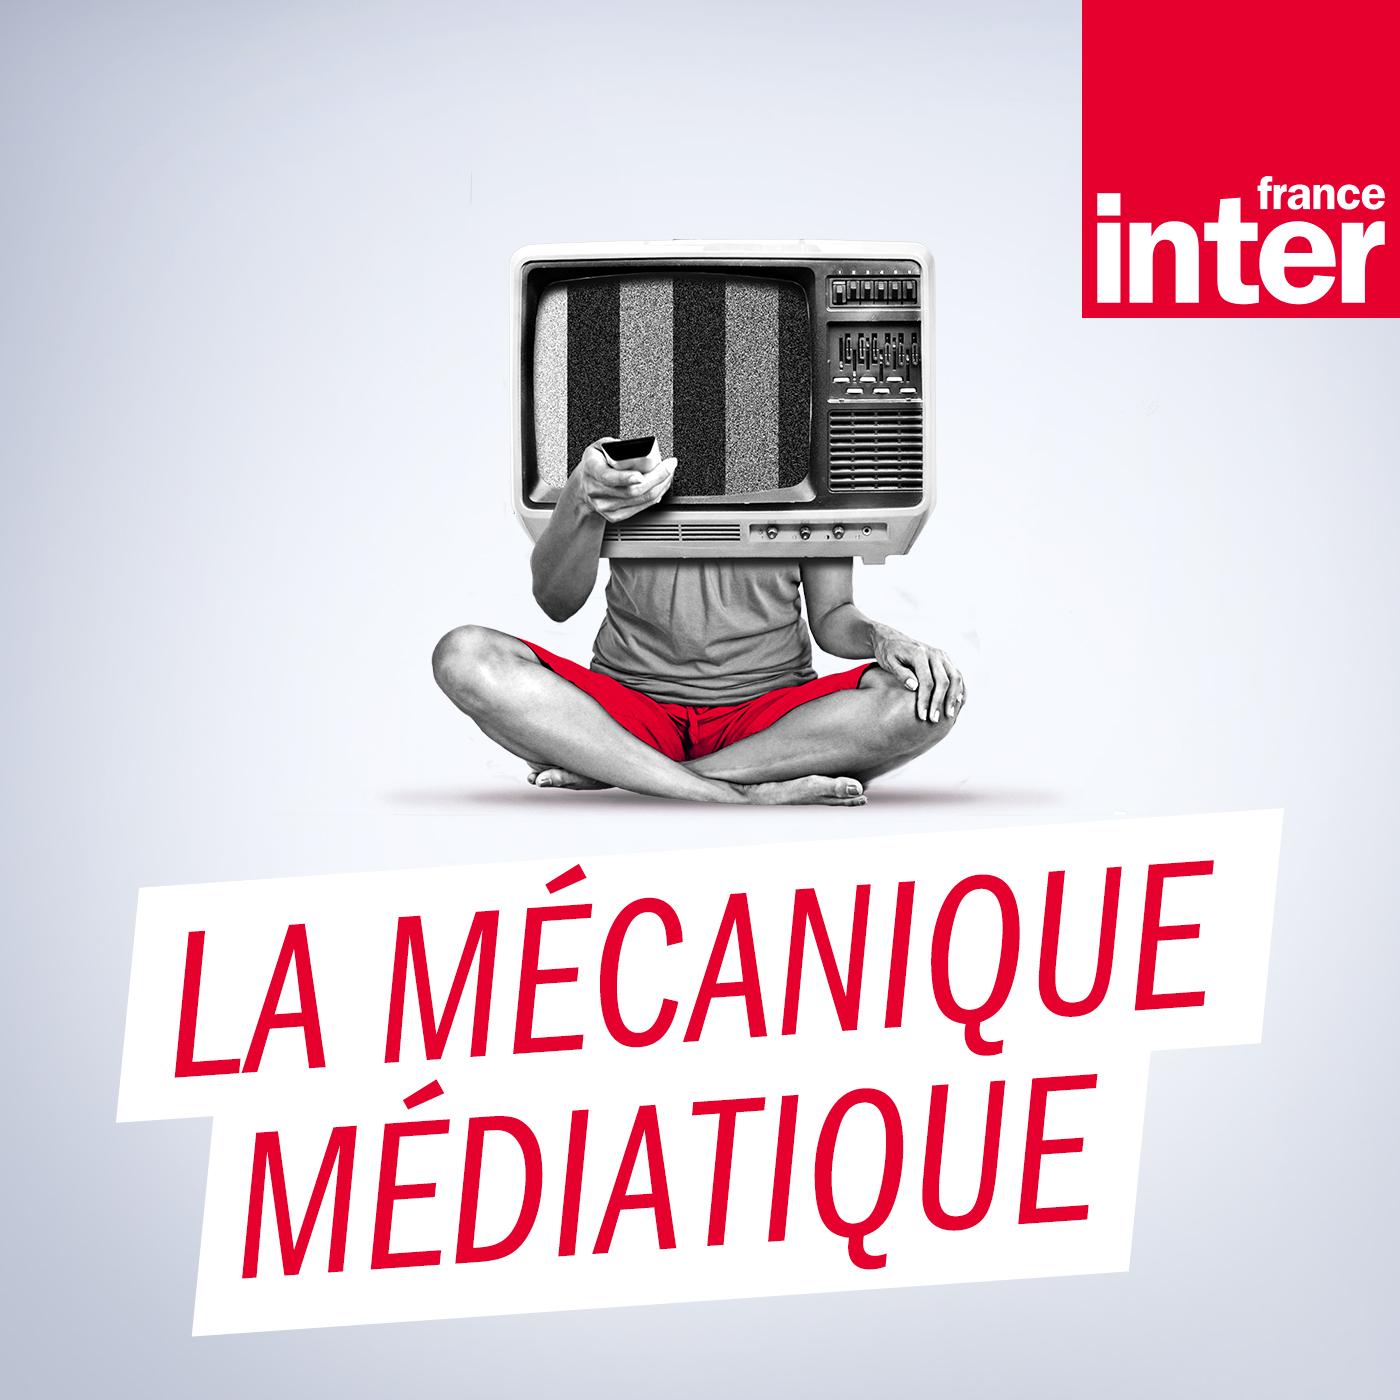 La mécanique médiatique